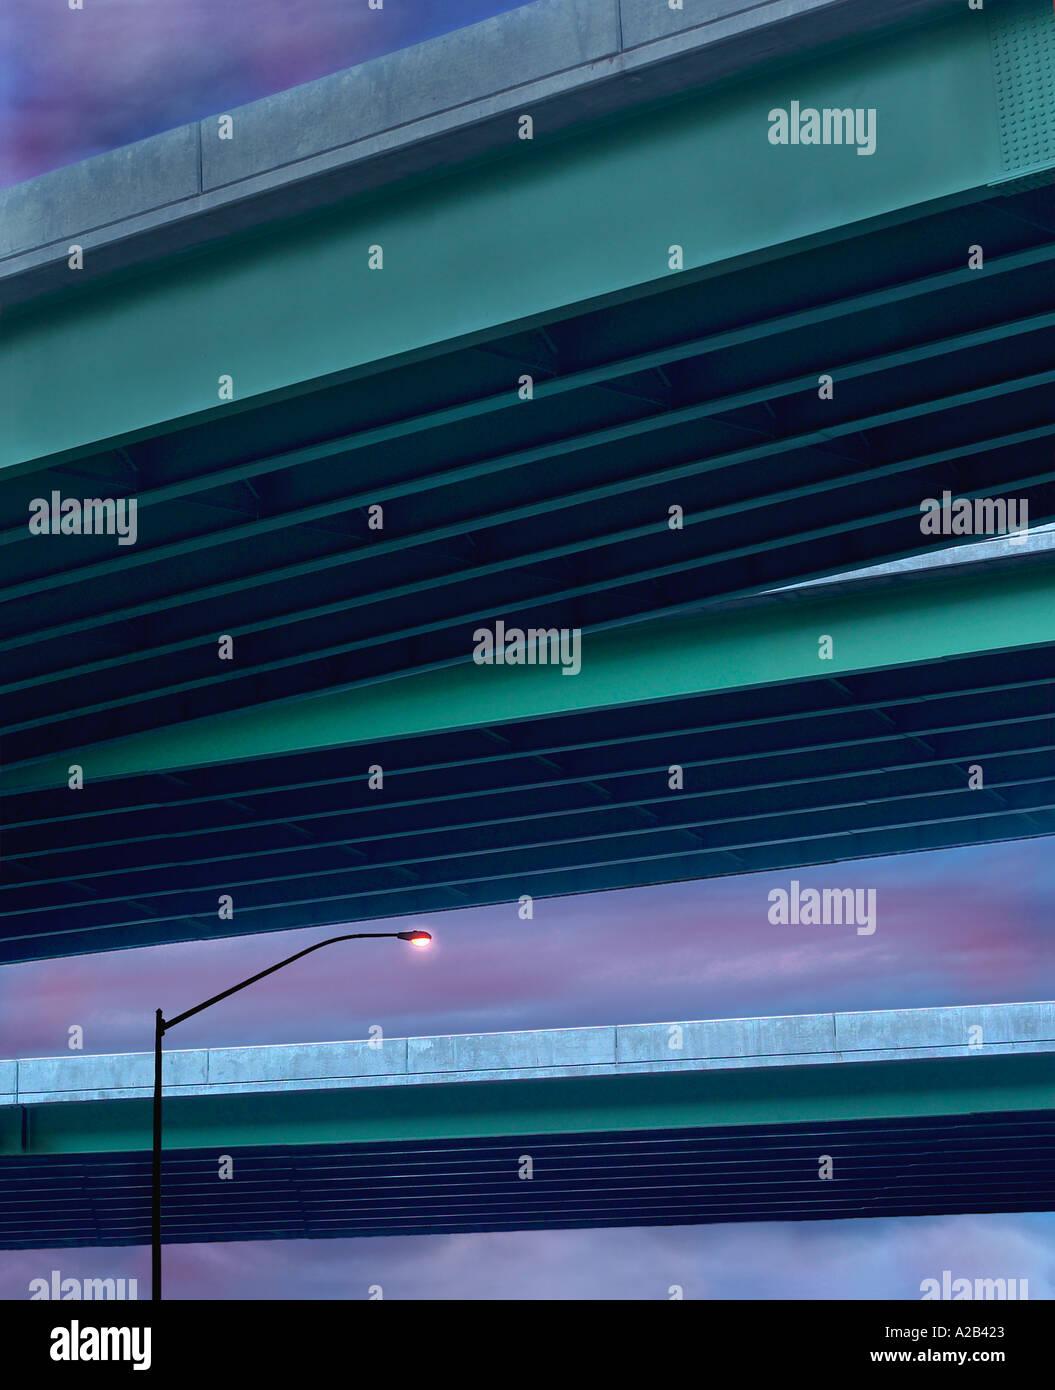 Leichte Post Lampe & Autobahnen Überführung Stockbild